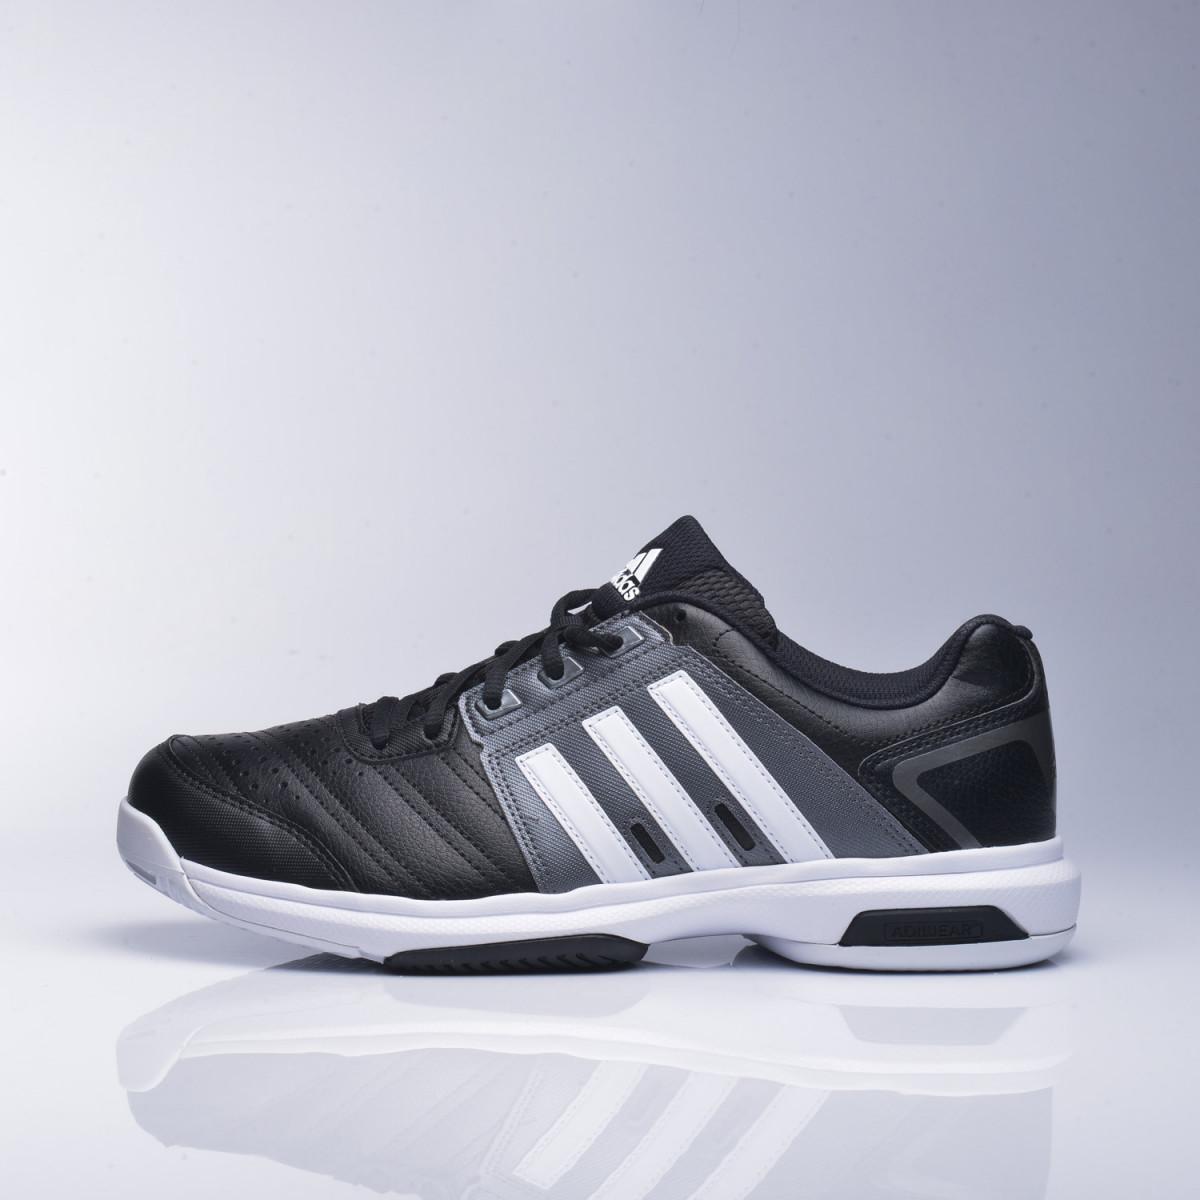 best website 3d08e c63bb Zapatillas Adidas Barricade Approach Str